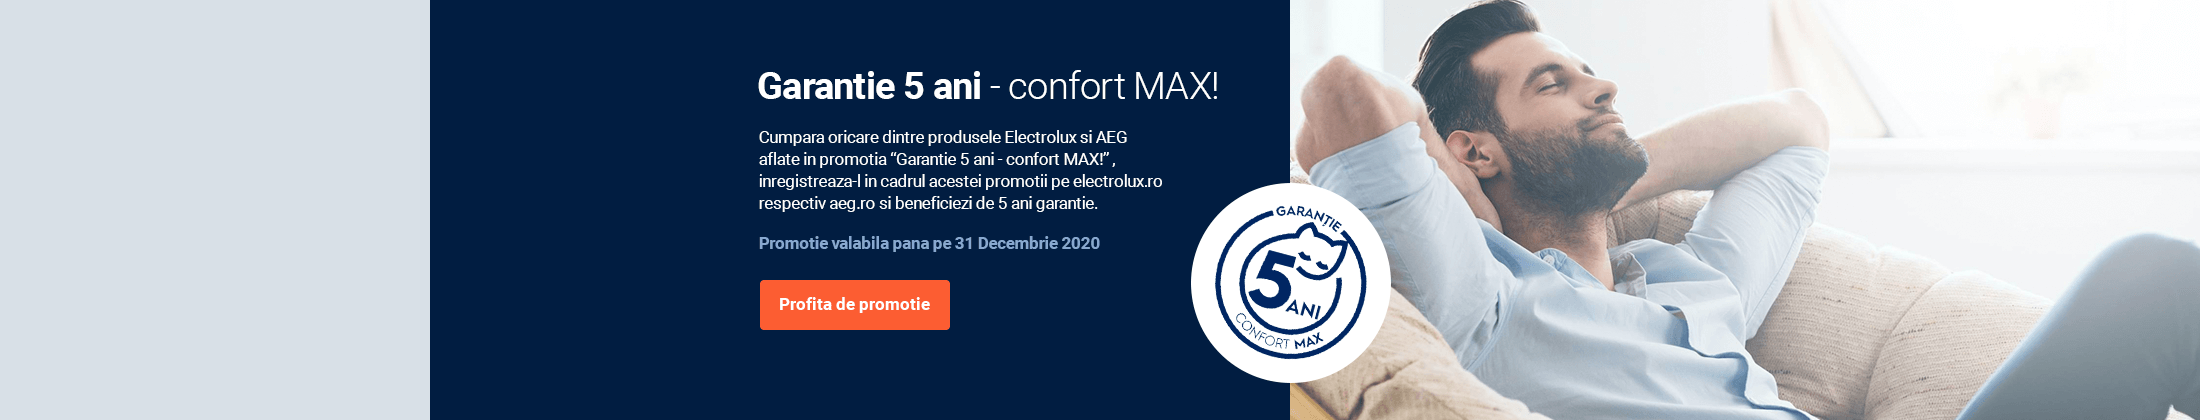 Garantie 5 ani - Confort MAX!